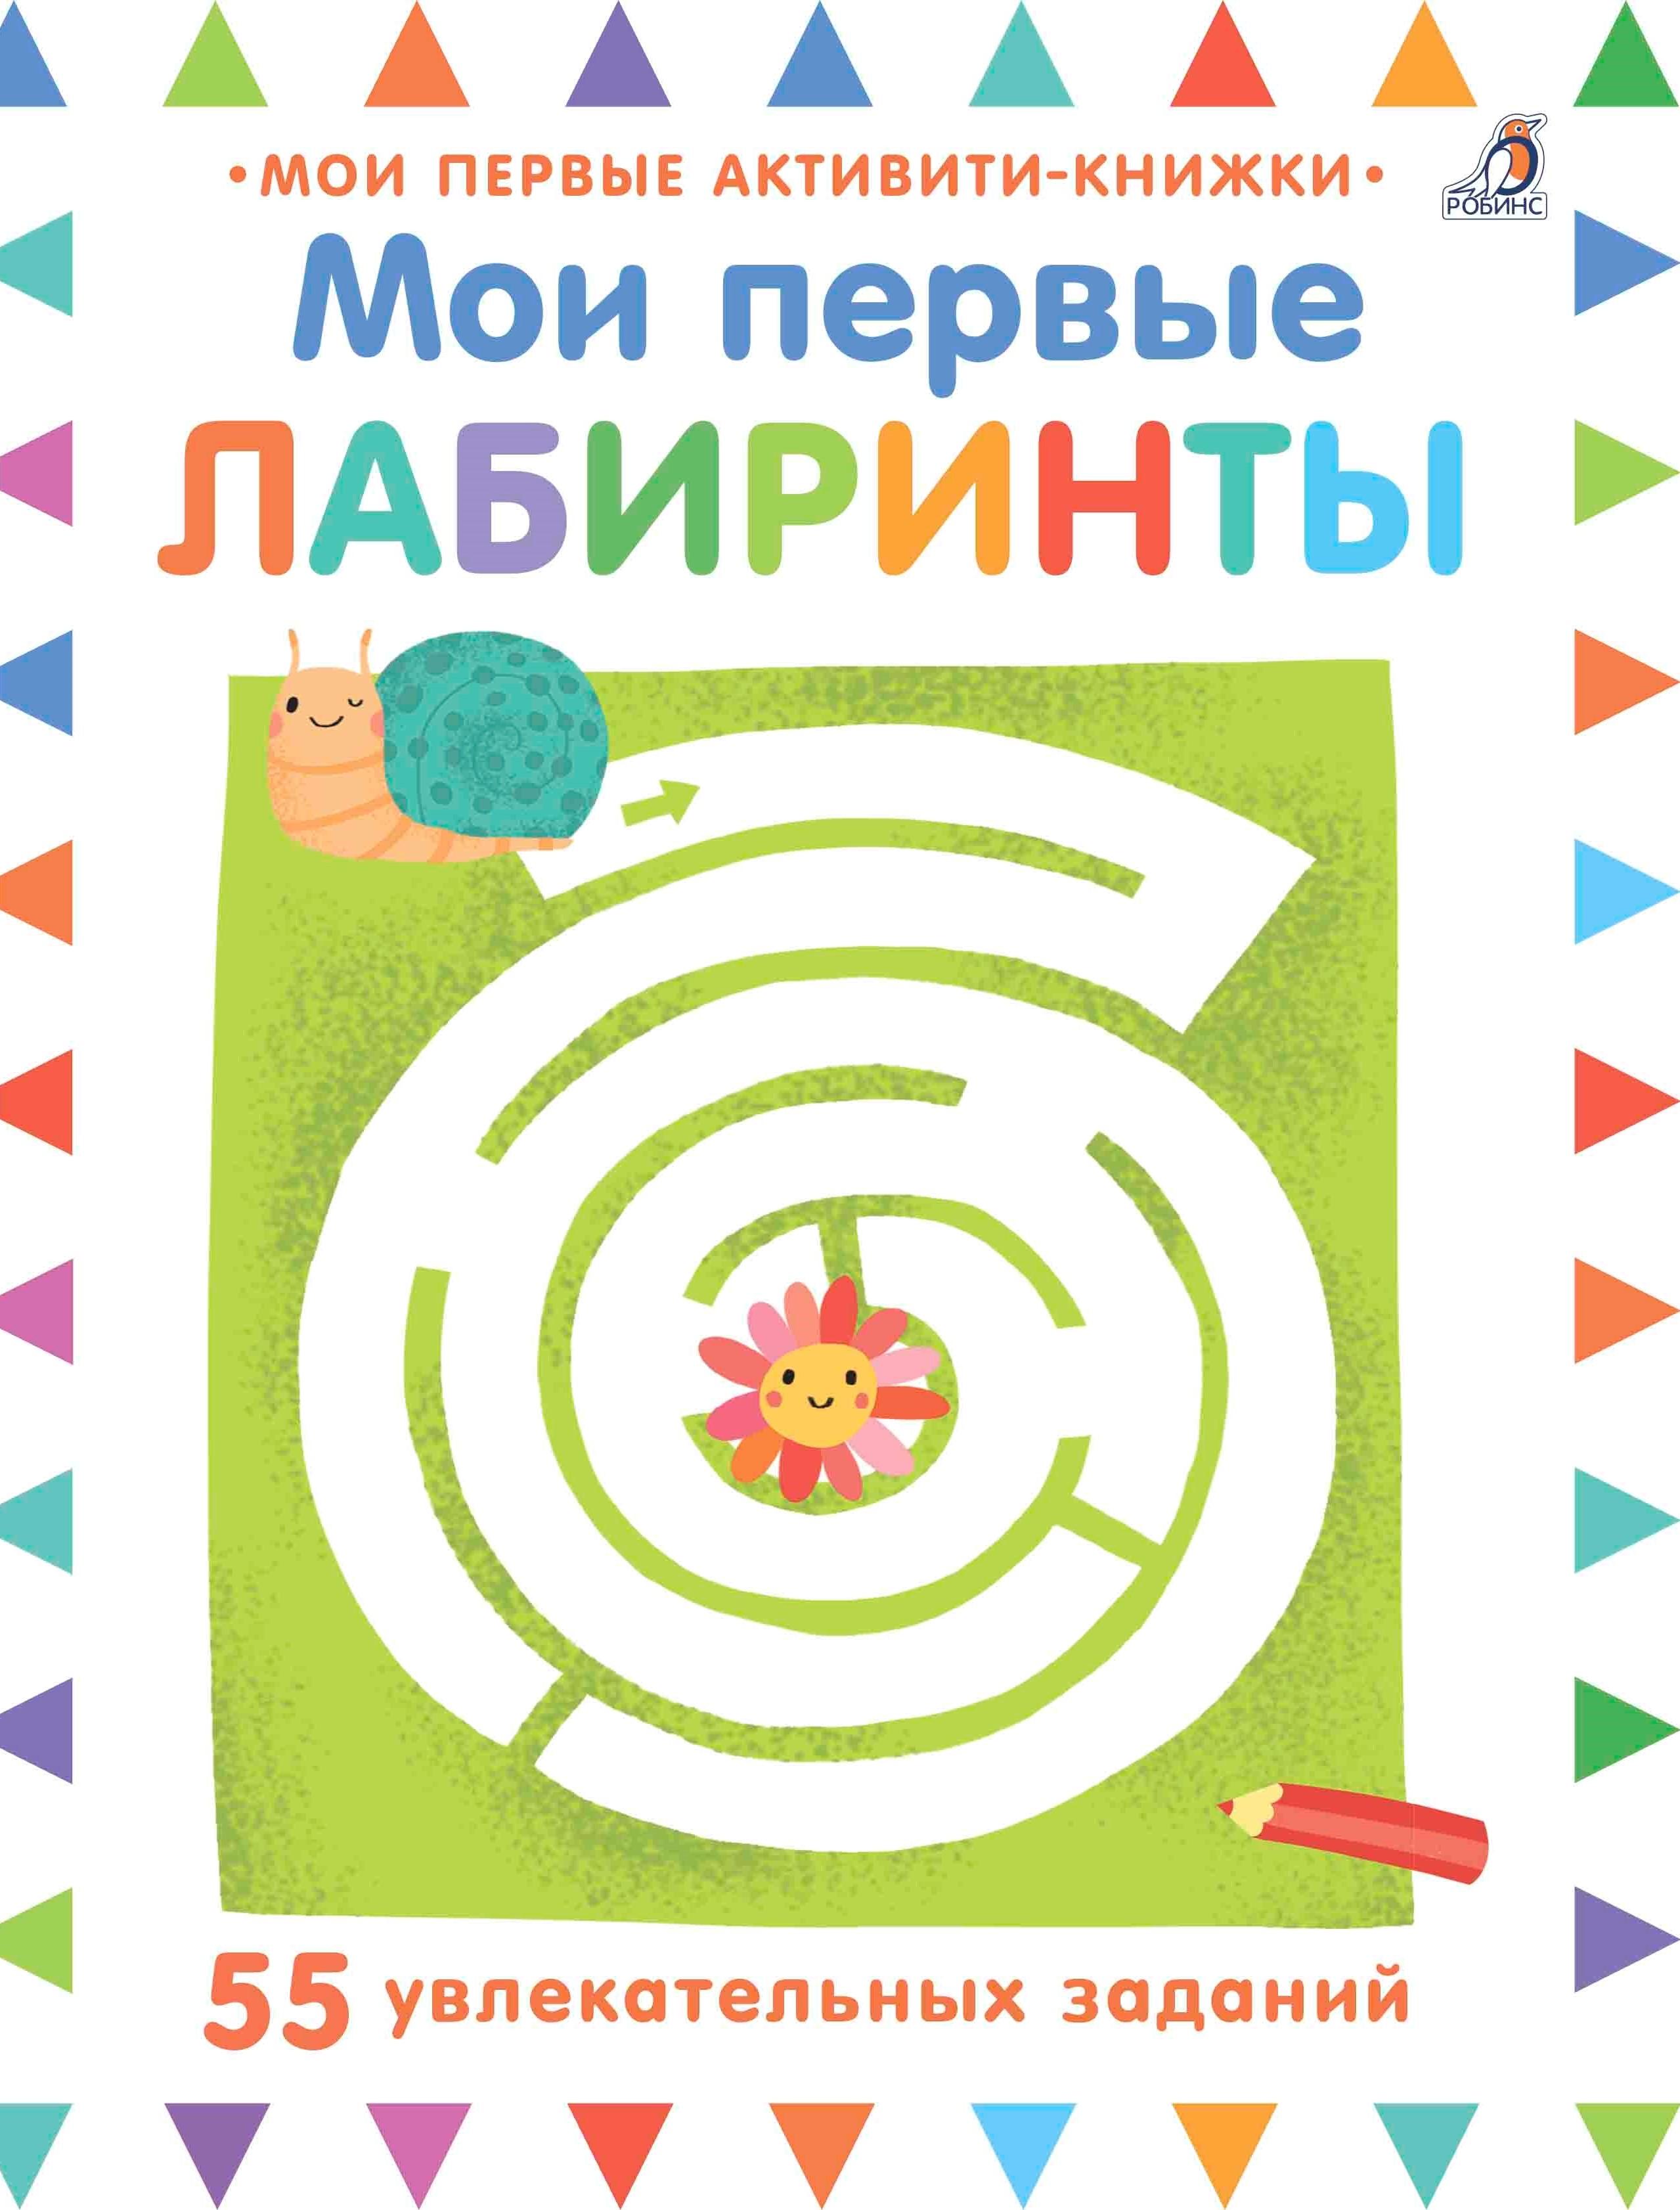 Книга - Мои первые лабиринтыРазвивающие пособия и умные карточки<br>Книга - Мои первые лабиринты<br>